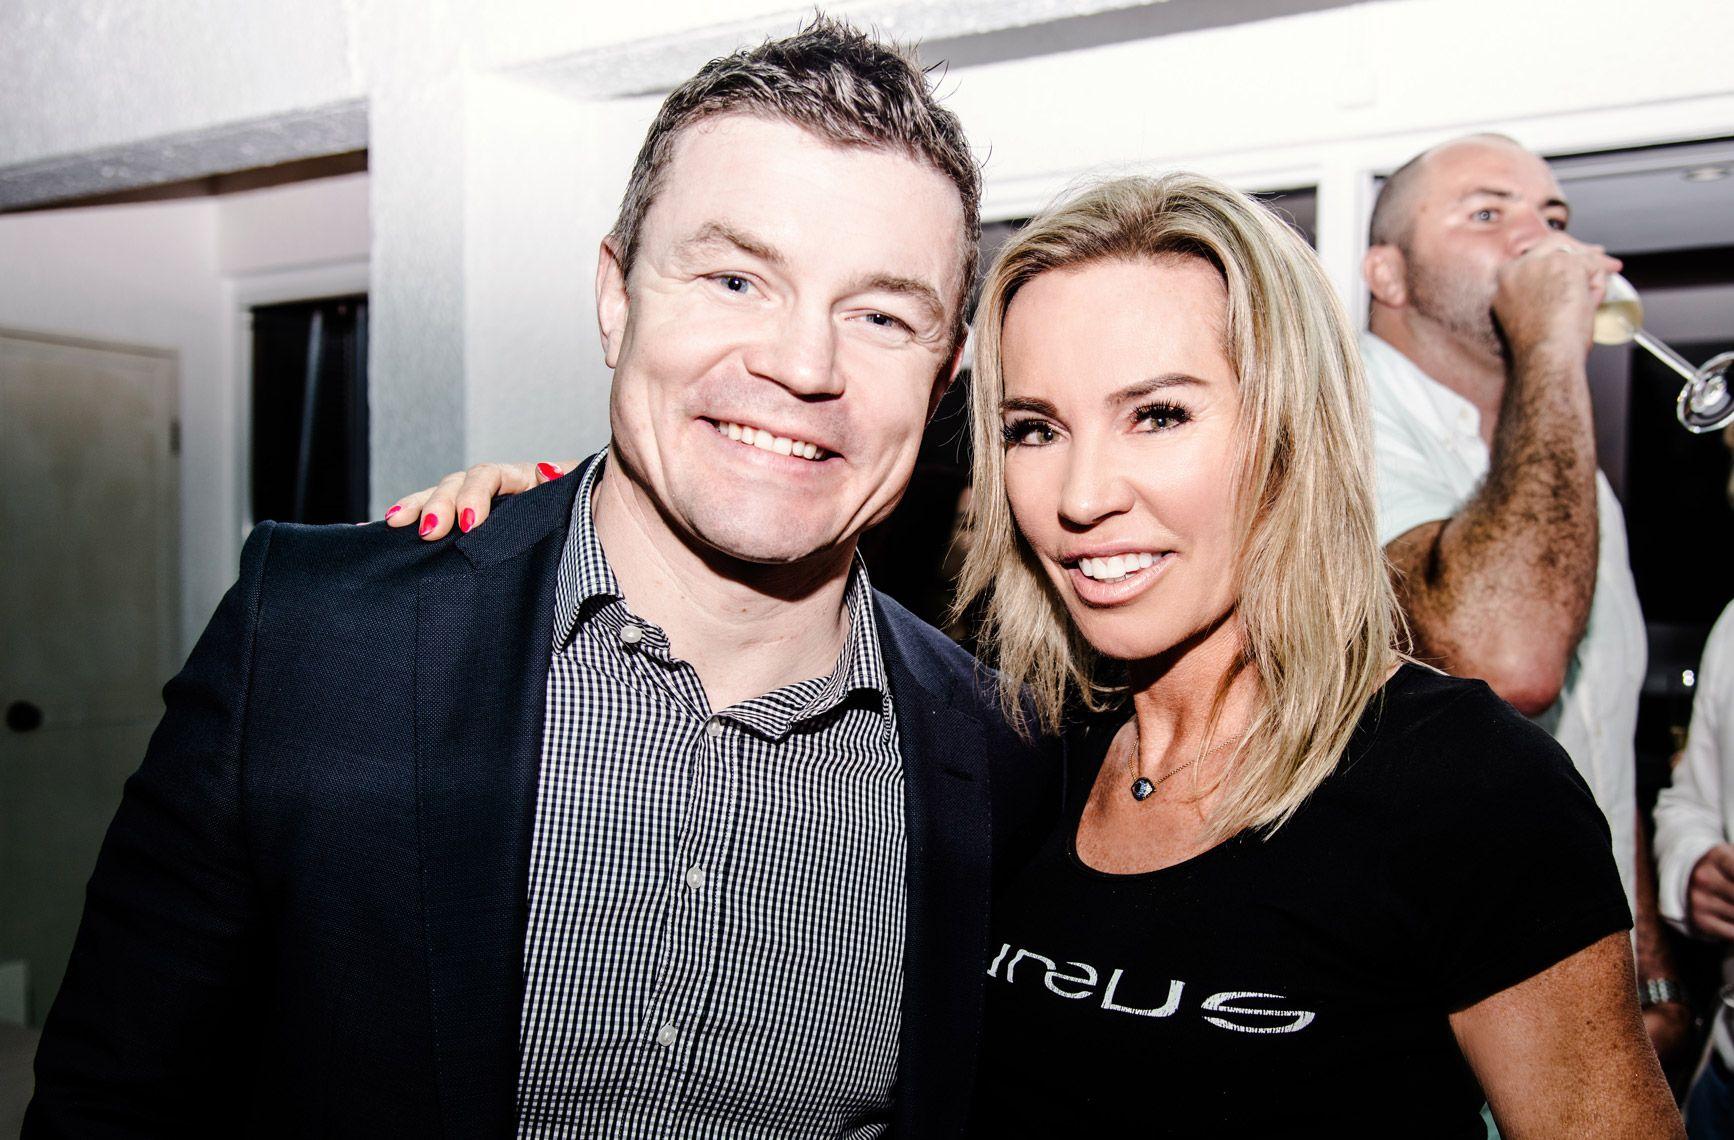 Brian O'Driscoll and Annabelle Bond